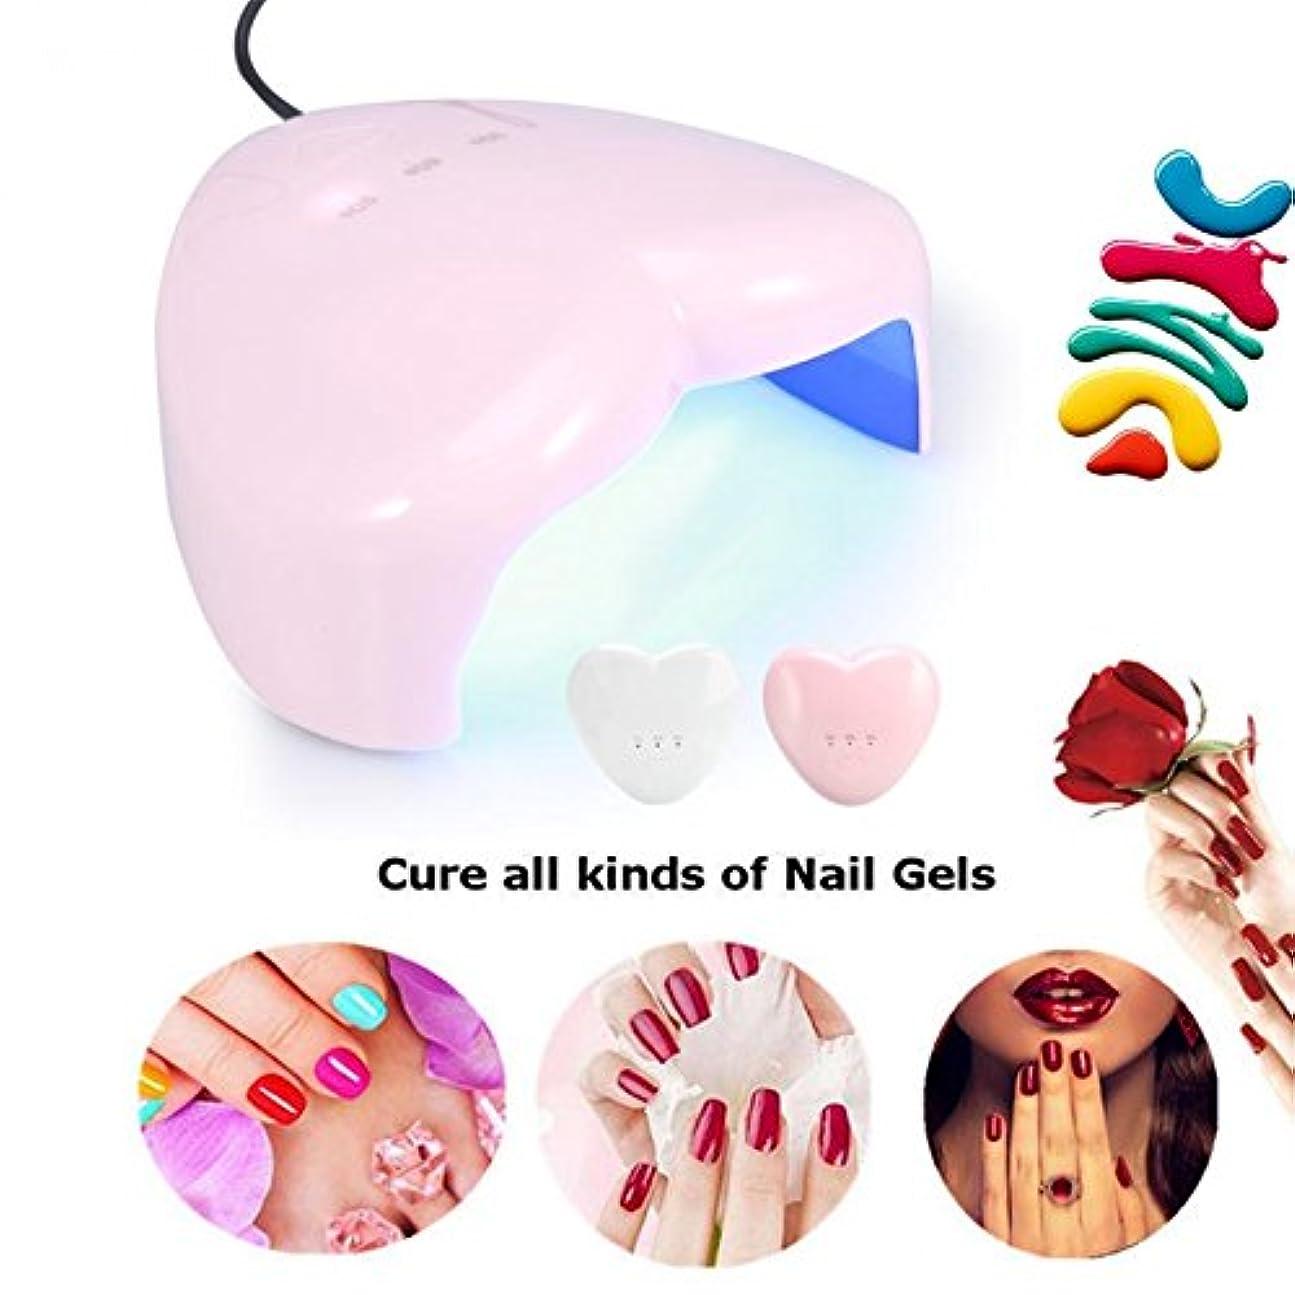 ウィスキー即席雄弁家18W Heart-shaped UV LED Lamp Nail Dryer USB Charging for Nail gel Polish Curing Drying Nail Art Manicure Drying Tools (Random color)